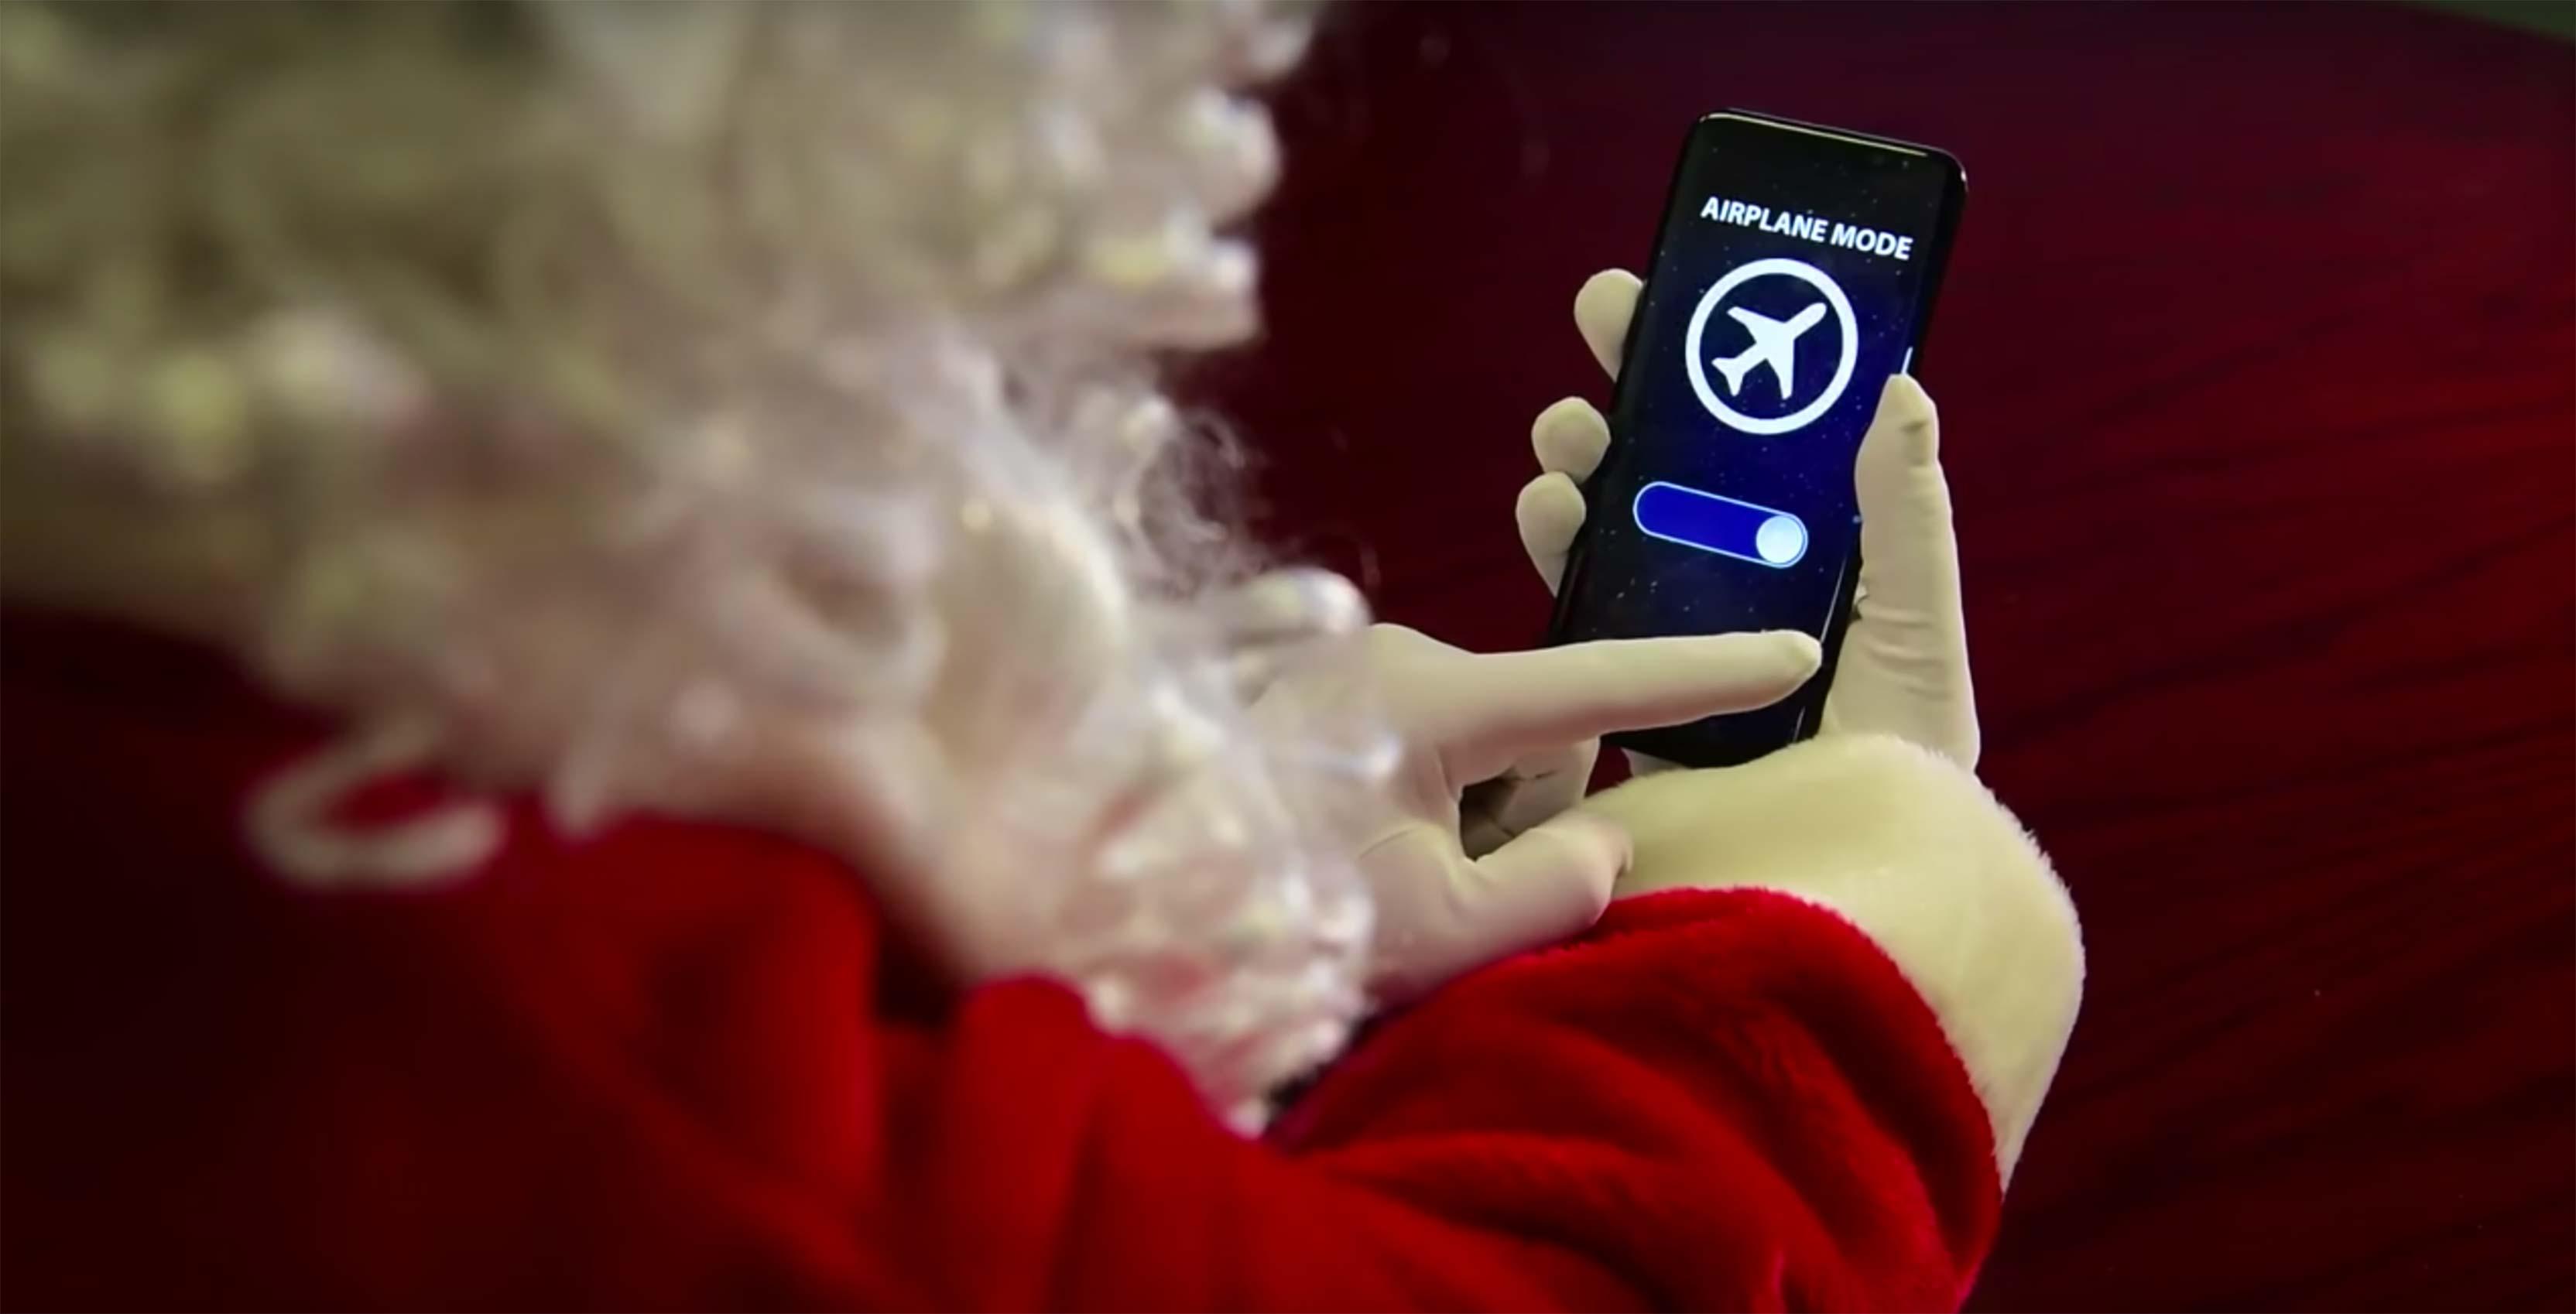 Santa phone airplane mode